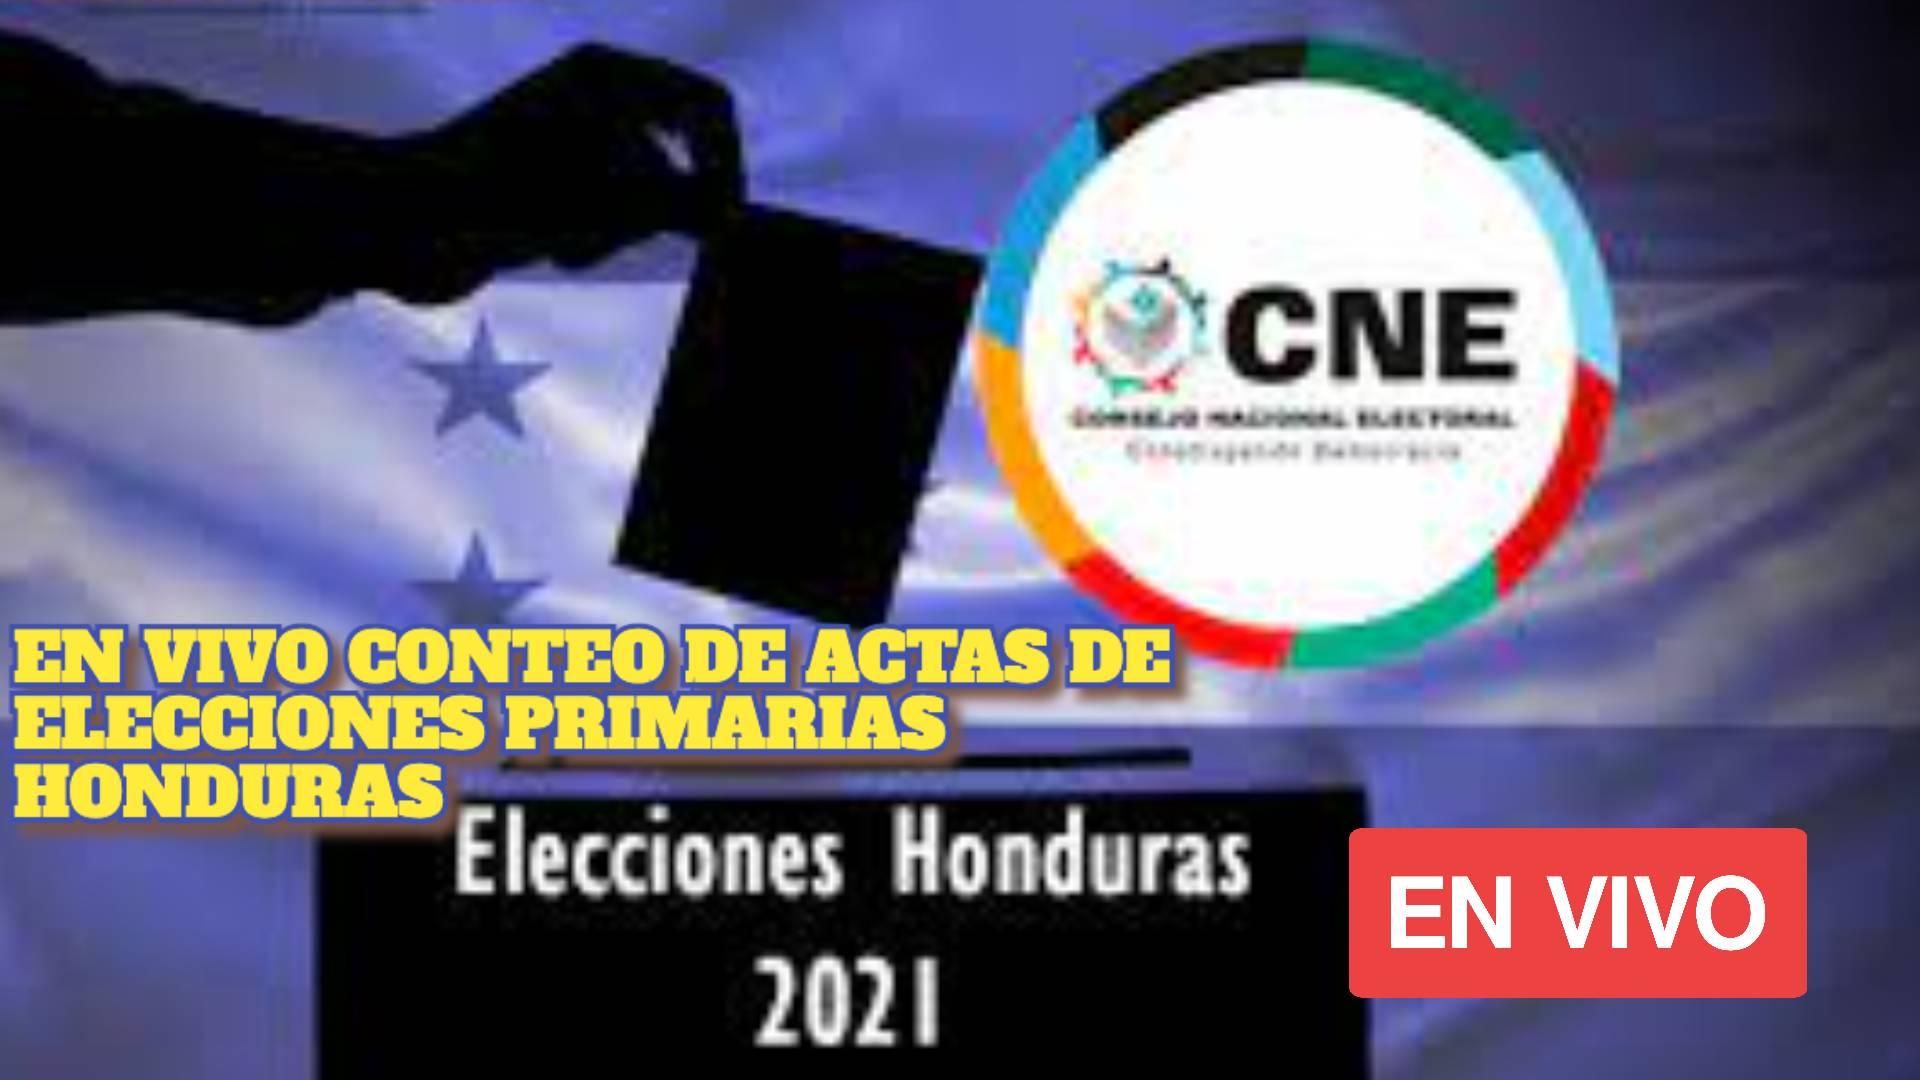 EN VIVO CONTEO DE ACTAS DE ELECCIONES PRIMARIAS HONDURAS